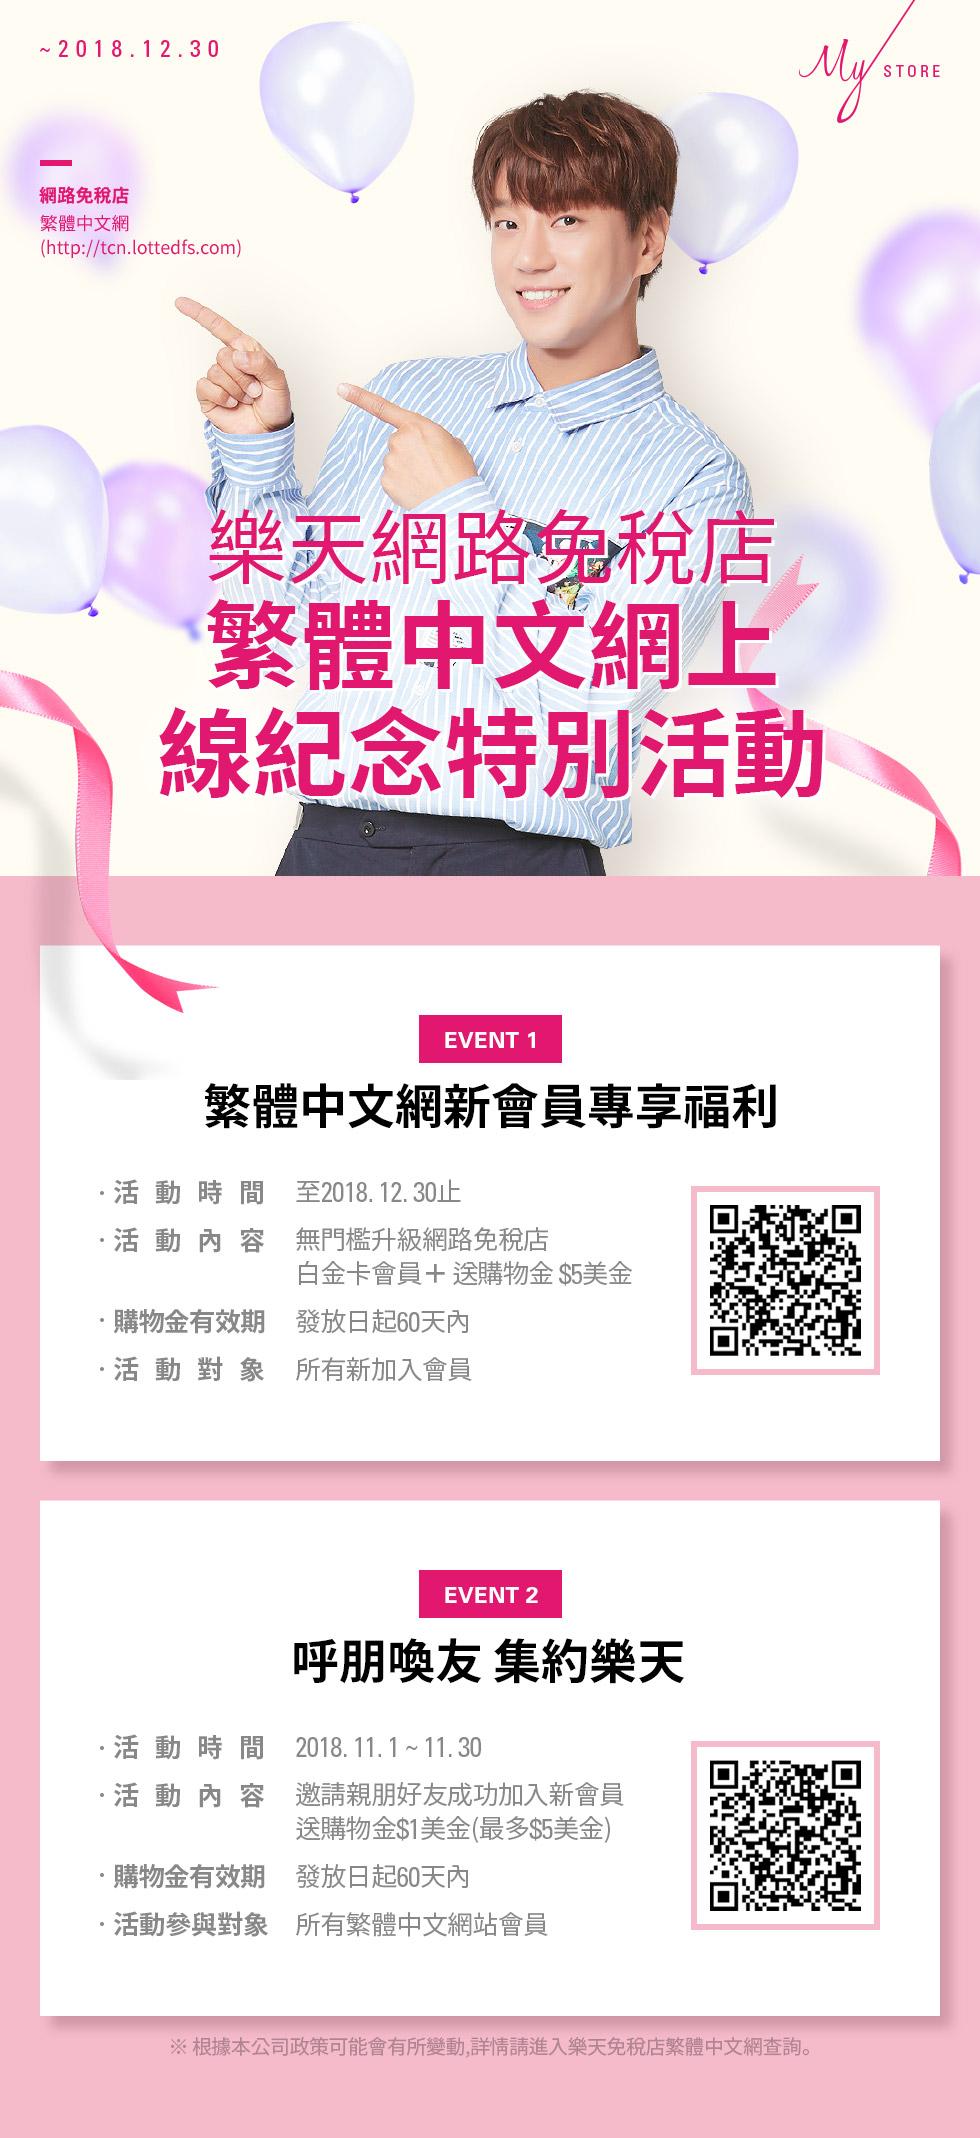 樂天網路免稅店繁體中文網上線紀念特別活動